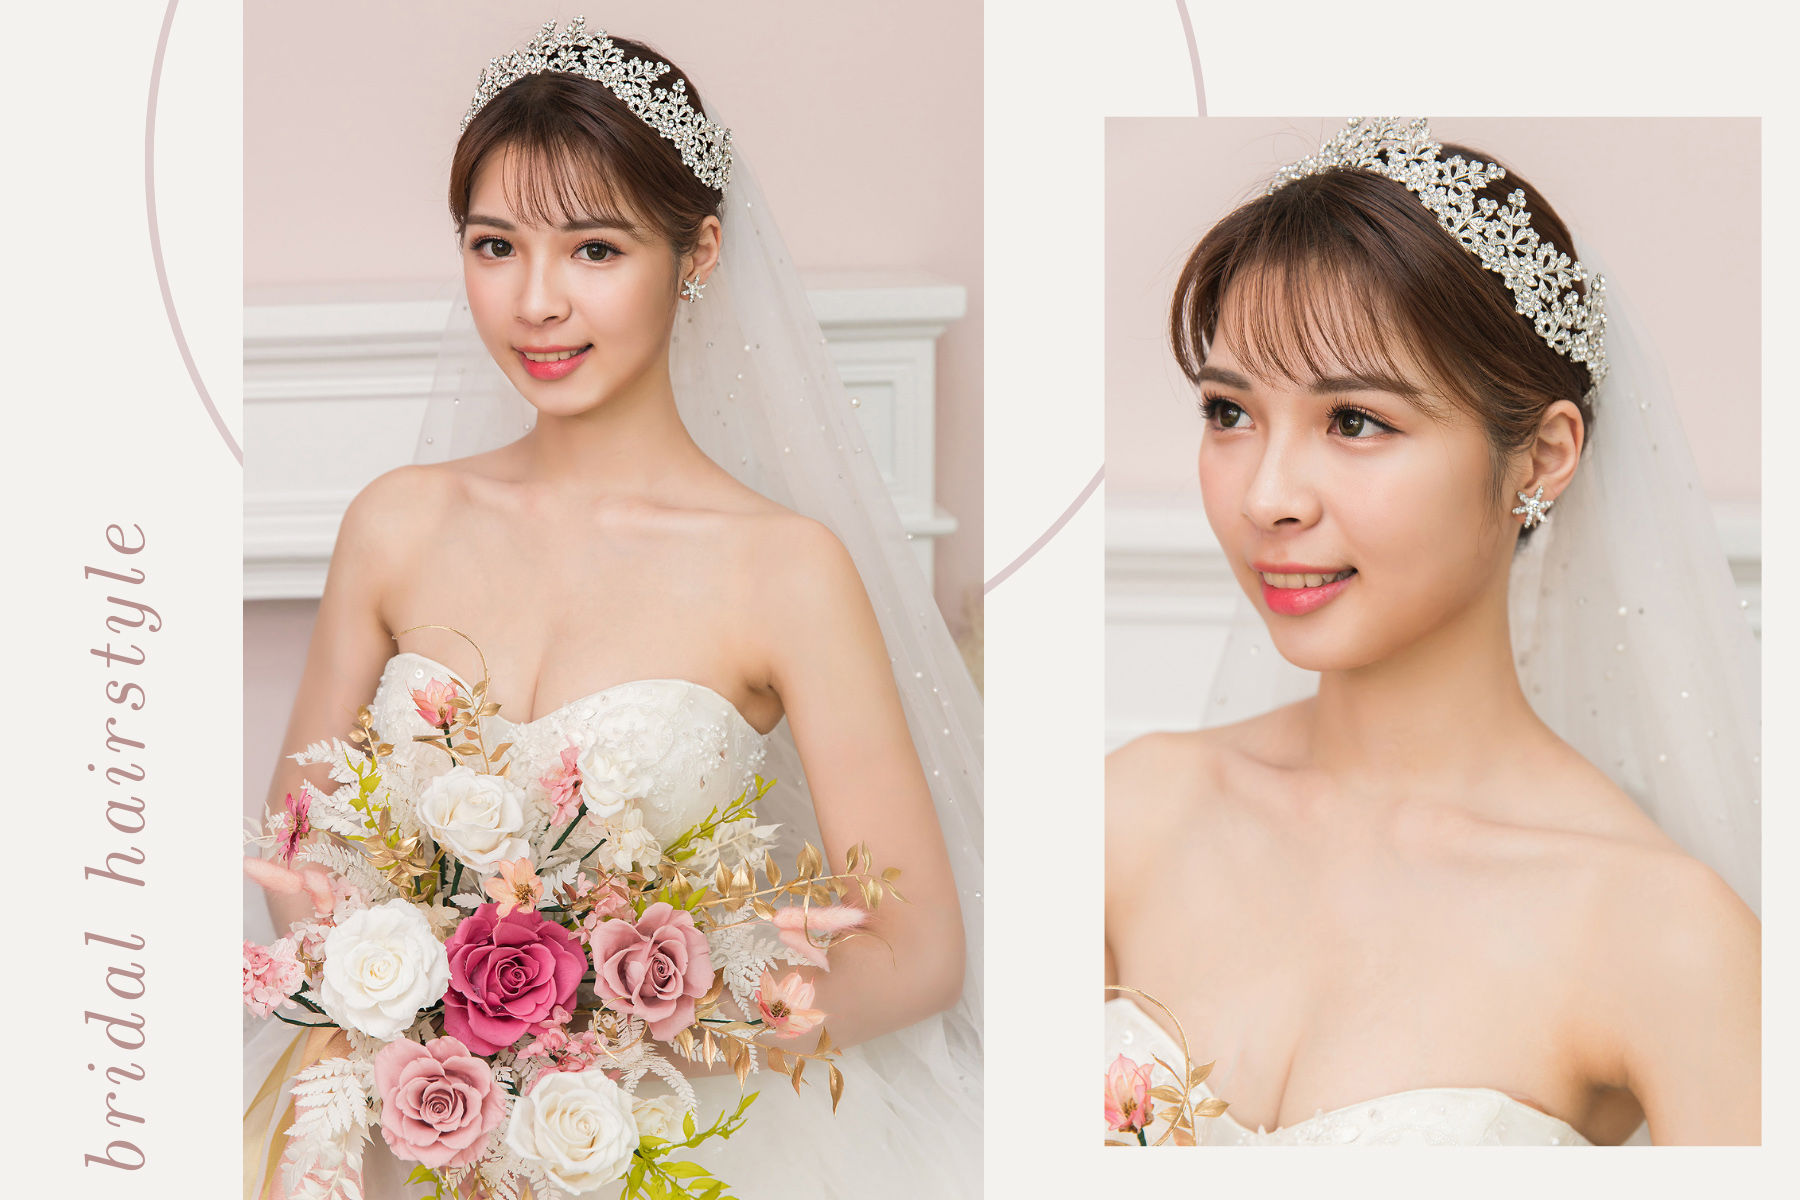 新秘Yuki, 新娘秘書, 新秘, 新娘造型, 公主風造型, 高雄新秘, , 皇冠造型, 盤髮造型, 高雄新秘, 進場造型